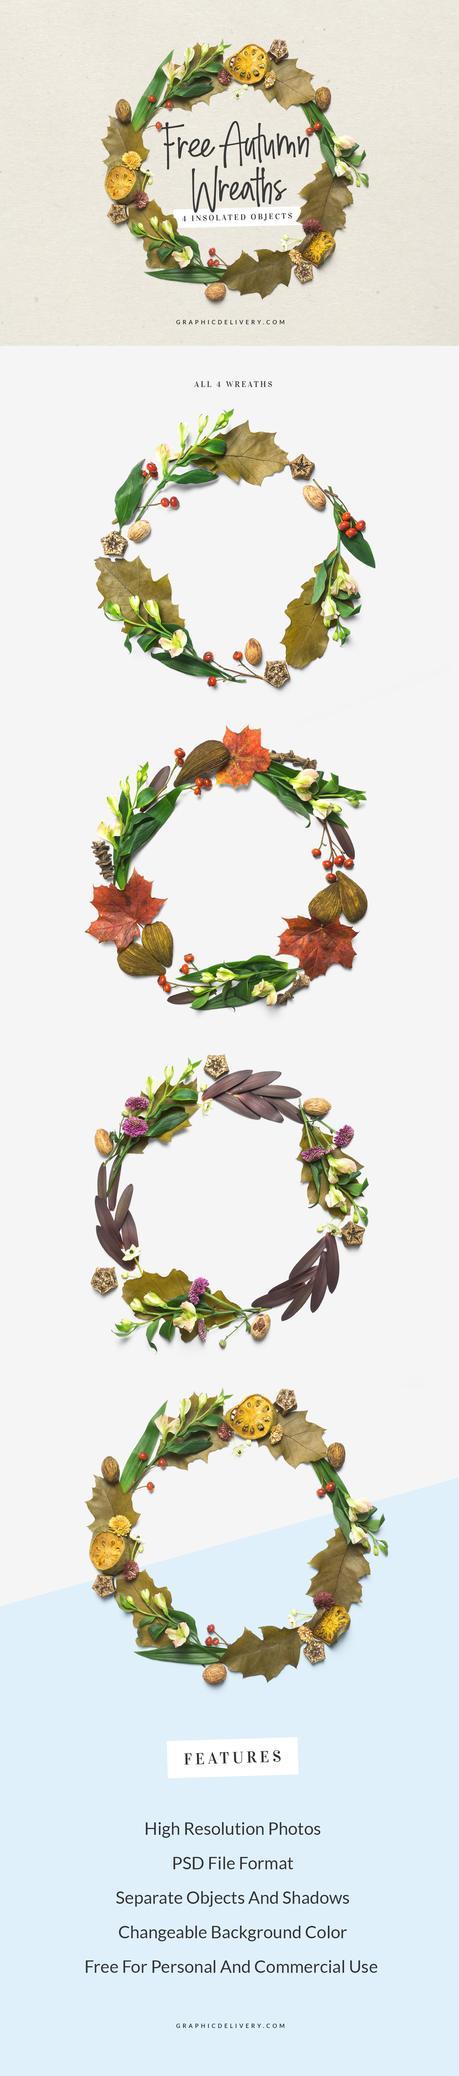 Mockup Couronnes de feuilles d'automne gratuits